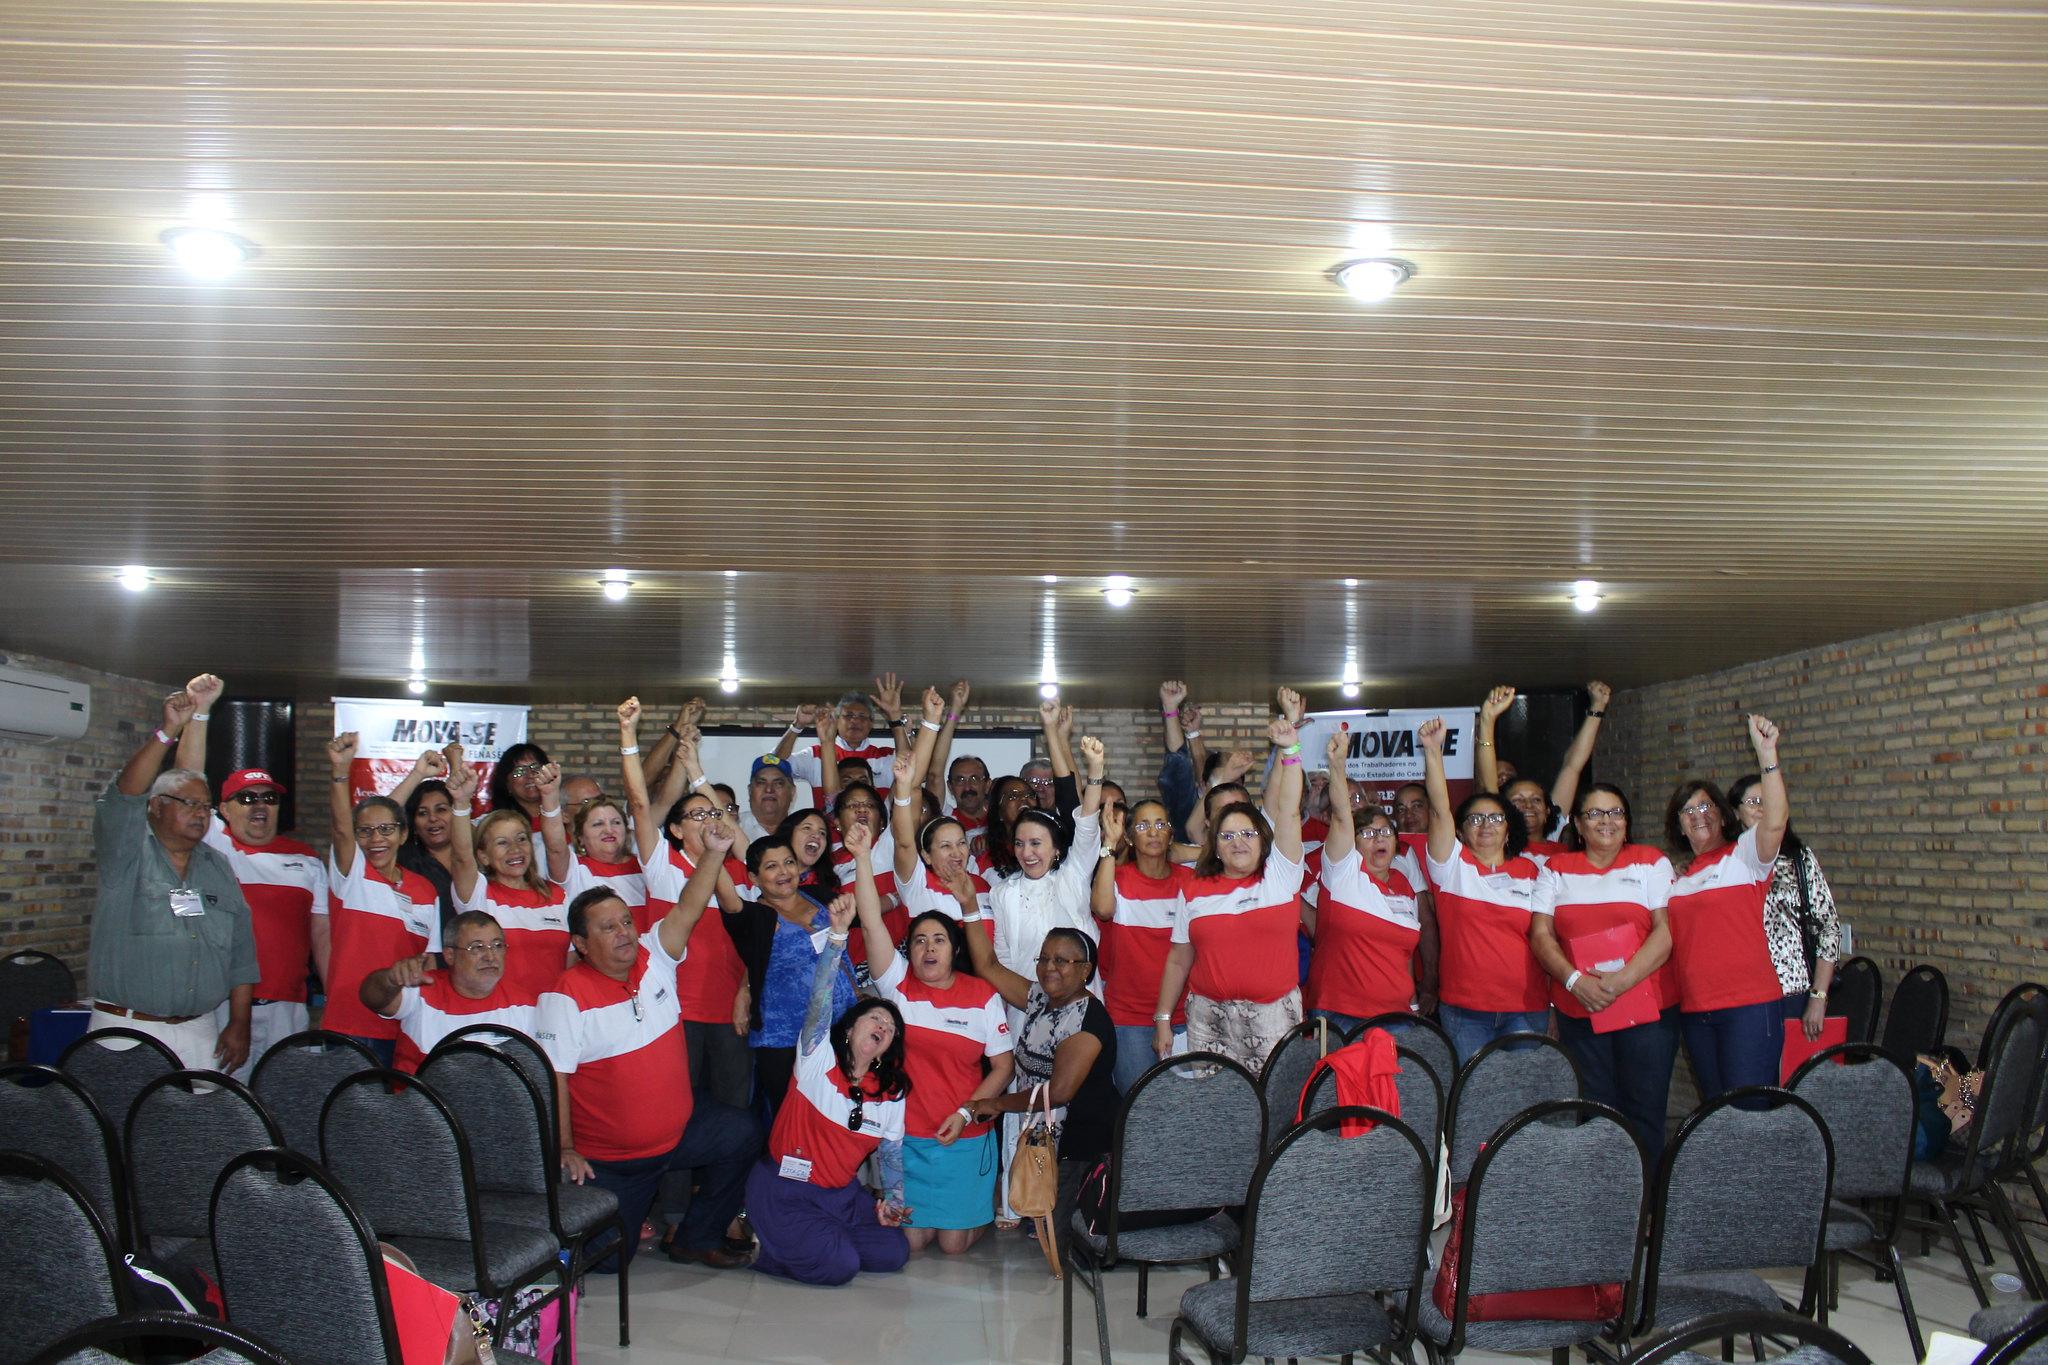 Congresso Extraordin�rio do Mova-se - 13 e 14/11/15